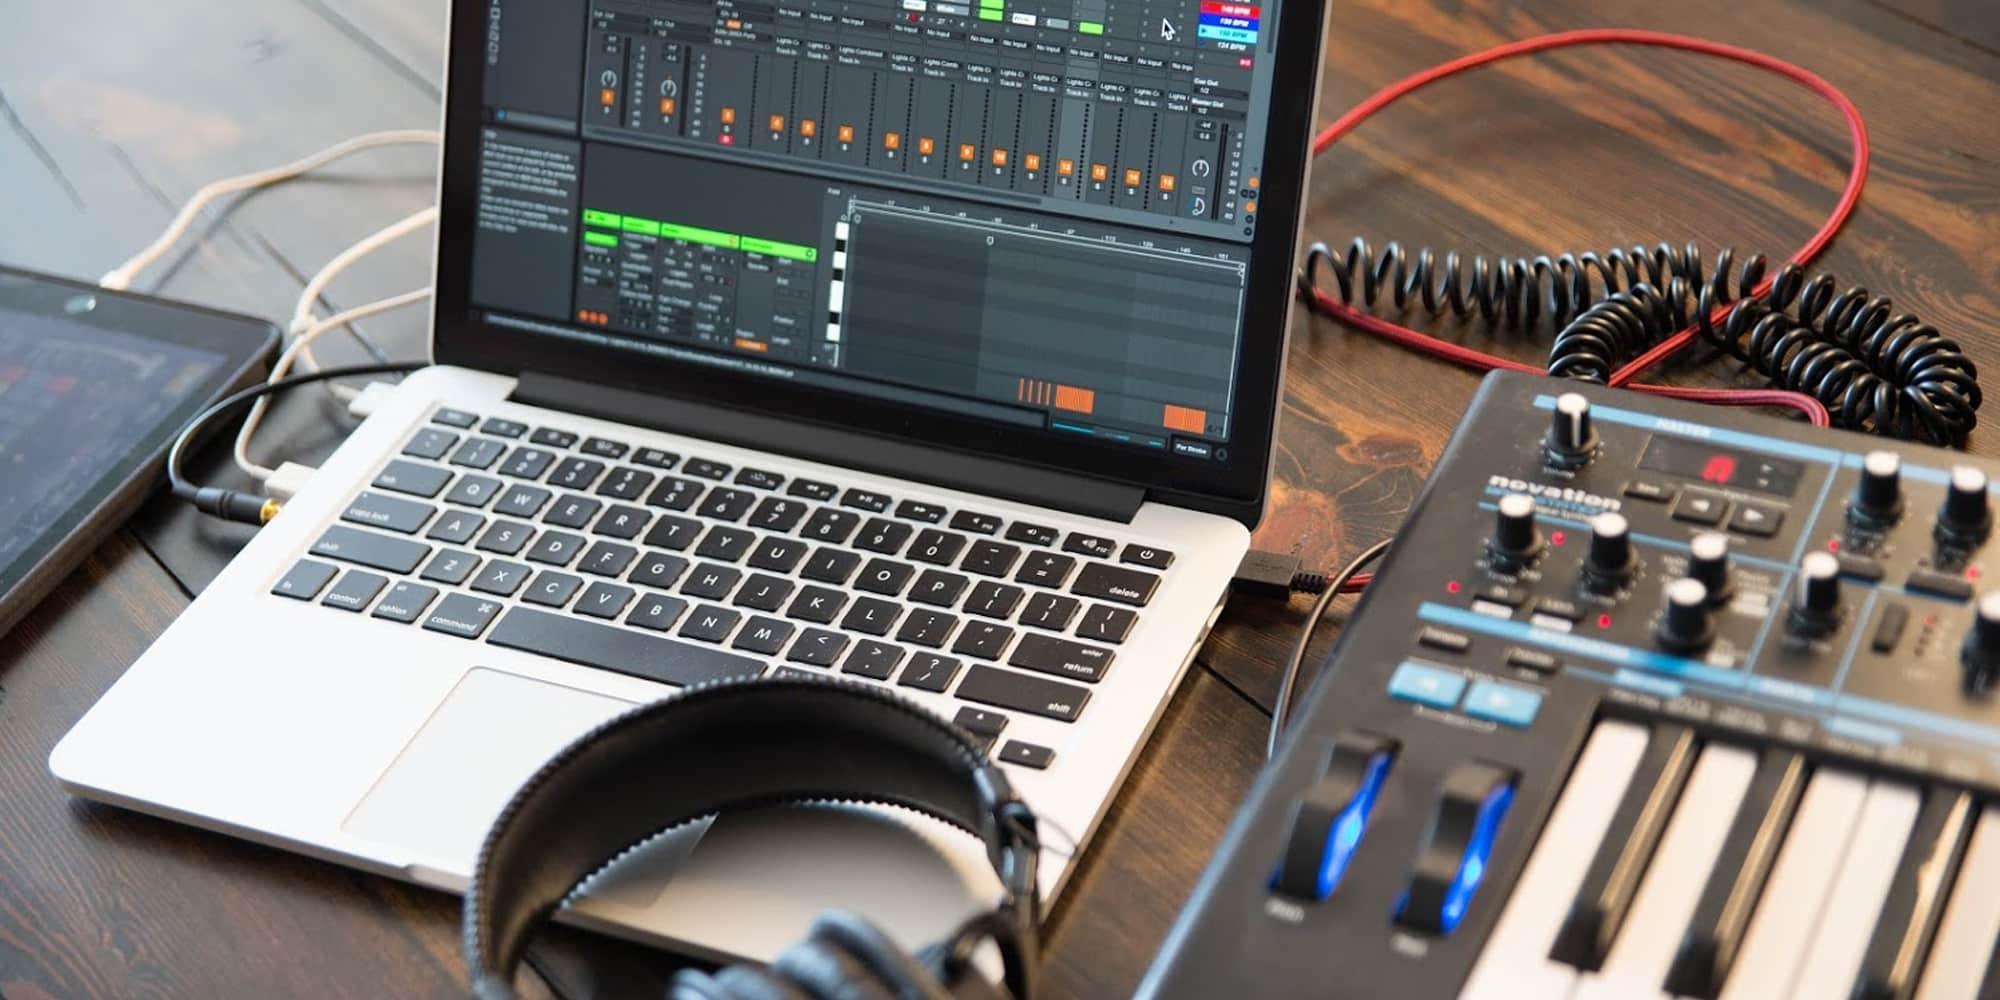 Скачать мощный усилитель звука на компьютер